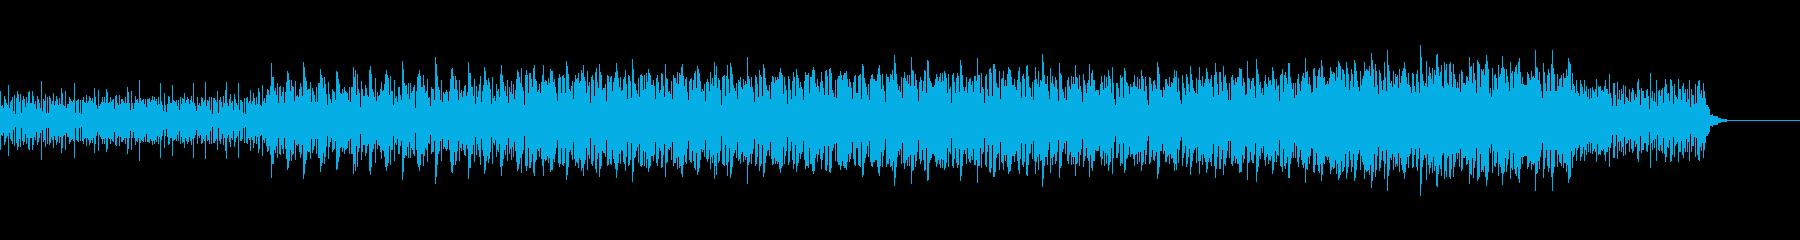 爽やかでふわふわキラキラなテクノジングルの再生済みの波形